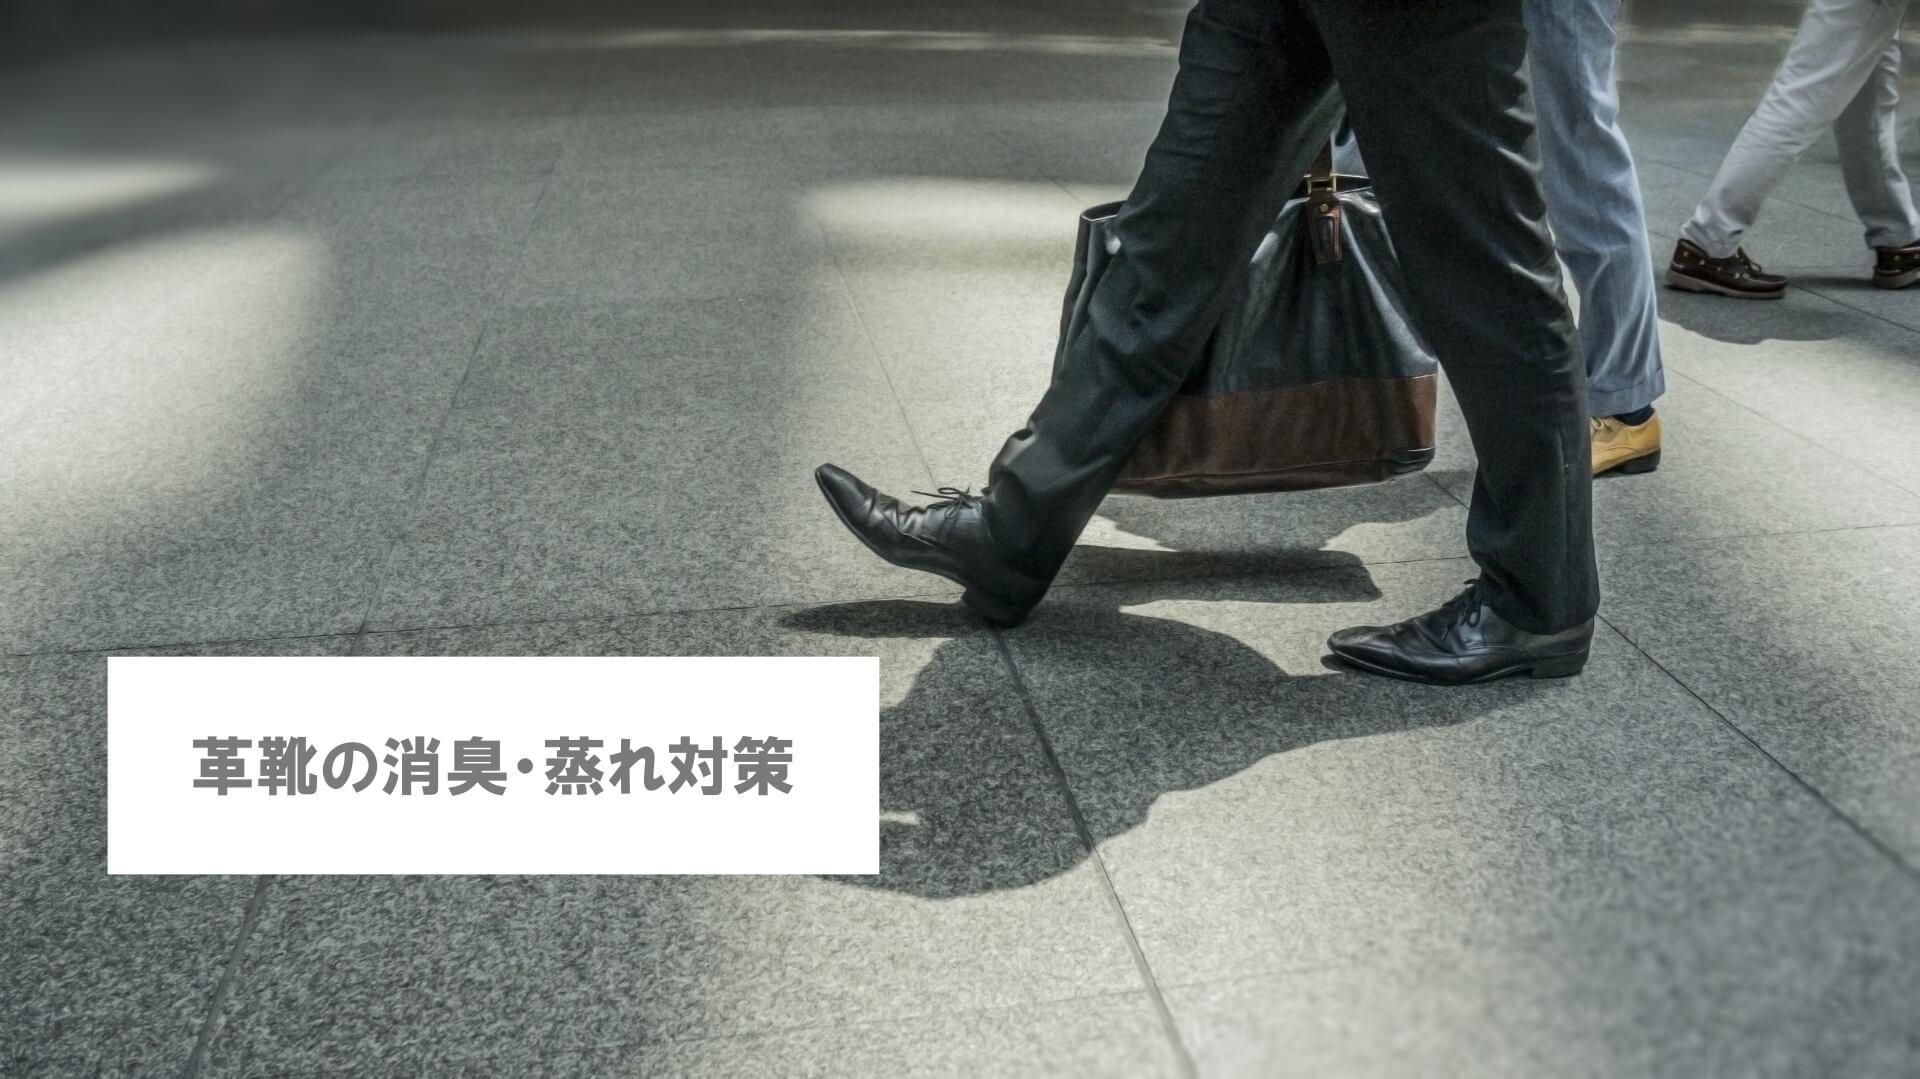 20150618_靴臭い_01